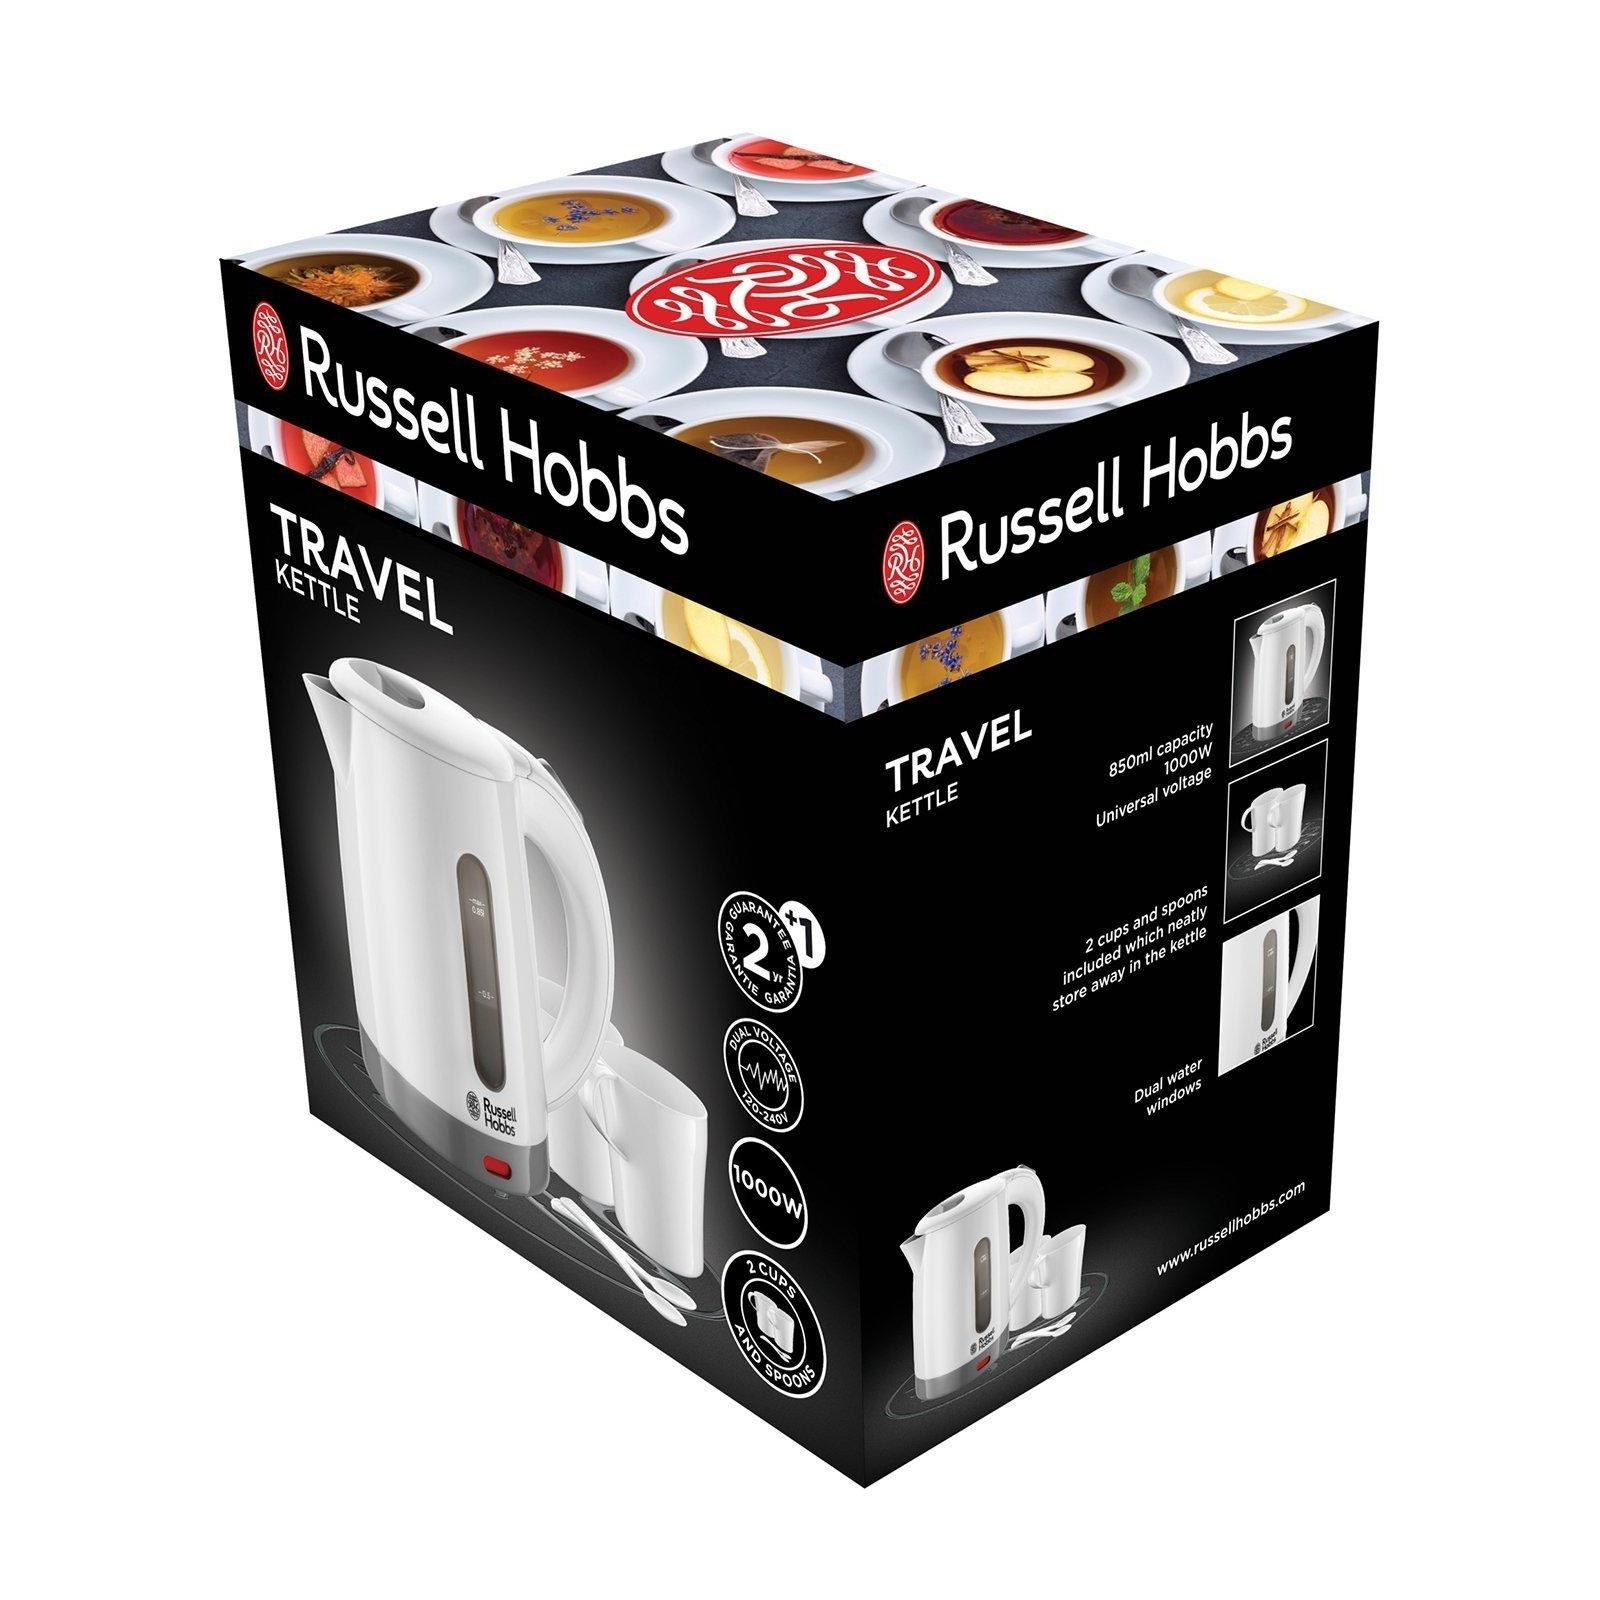 Электрочайник Russell Hobbs Travel (23840-70) изображение 6